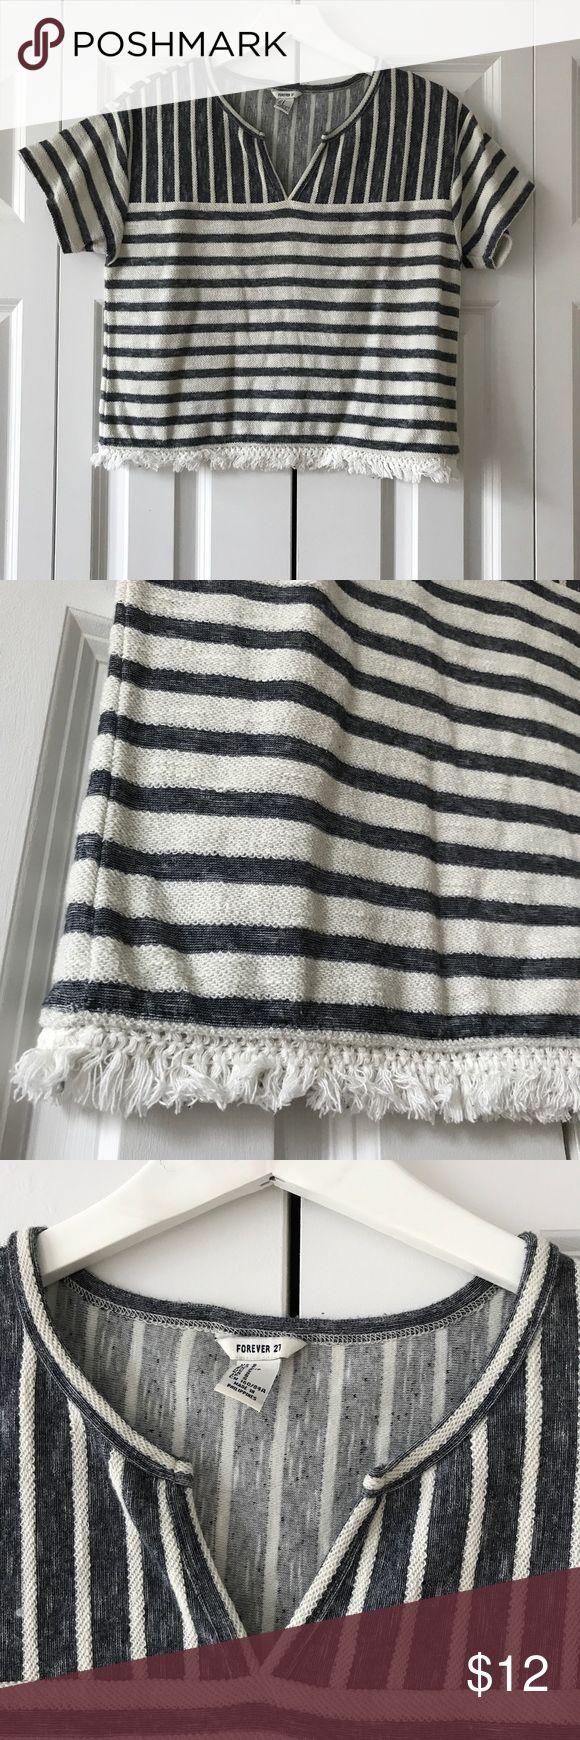 FOREVER 21 Striped Nautical Fringe shirt FOREVER 21 Striped Nautical Fringe shirt Forever 21 Tops Tees - Short Sleeve